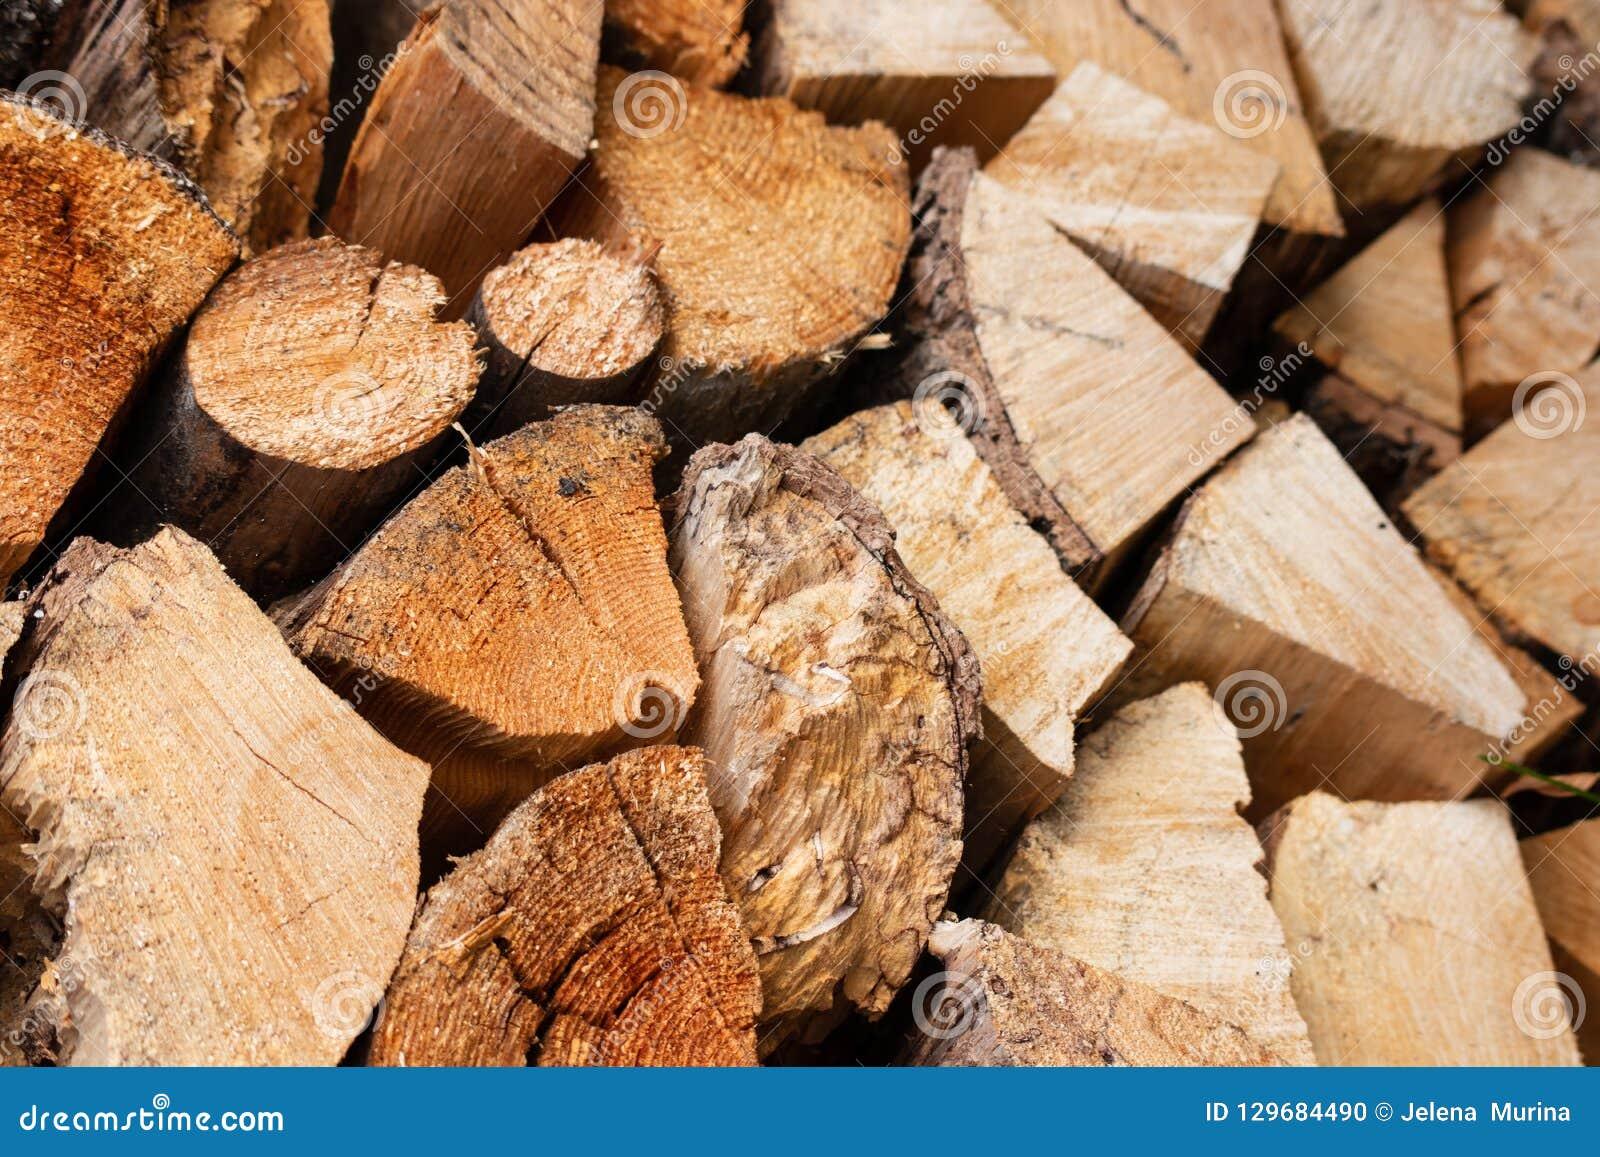 Droog die brandhout in een stapel in het Litouwse dorp wordt gestapeld